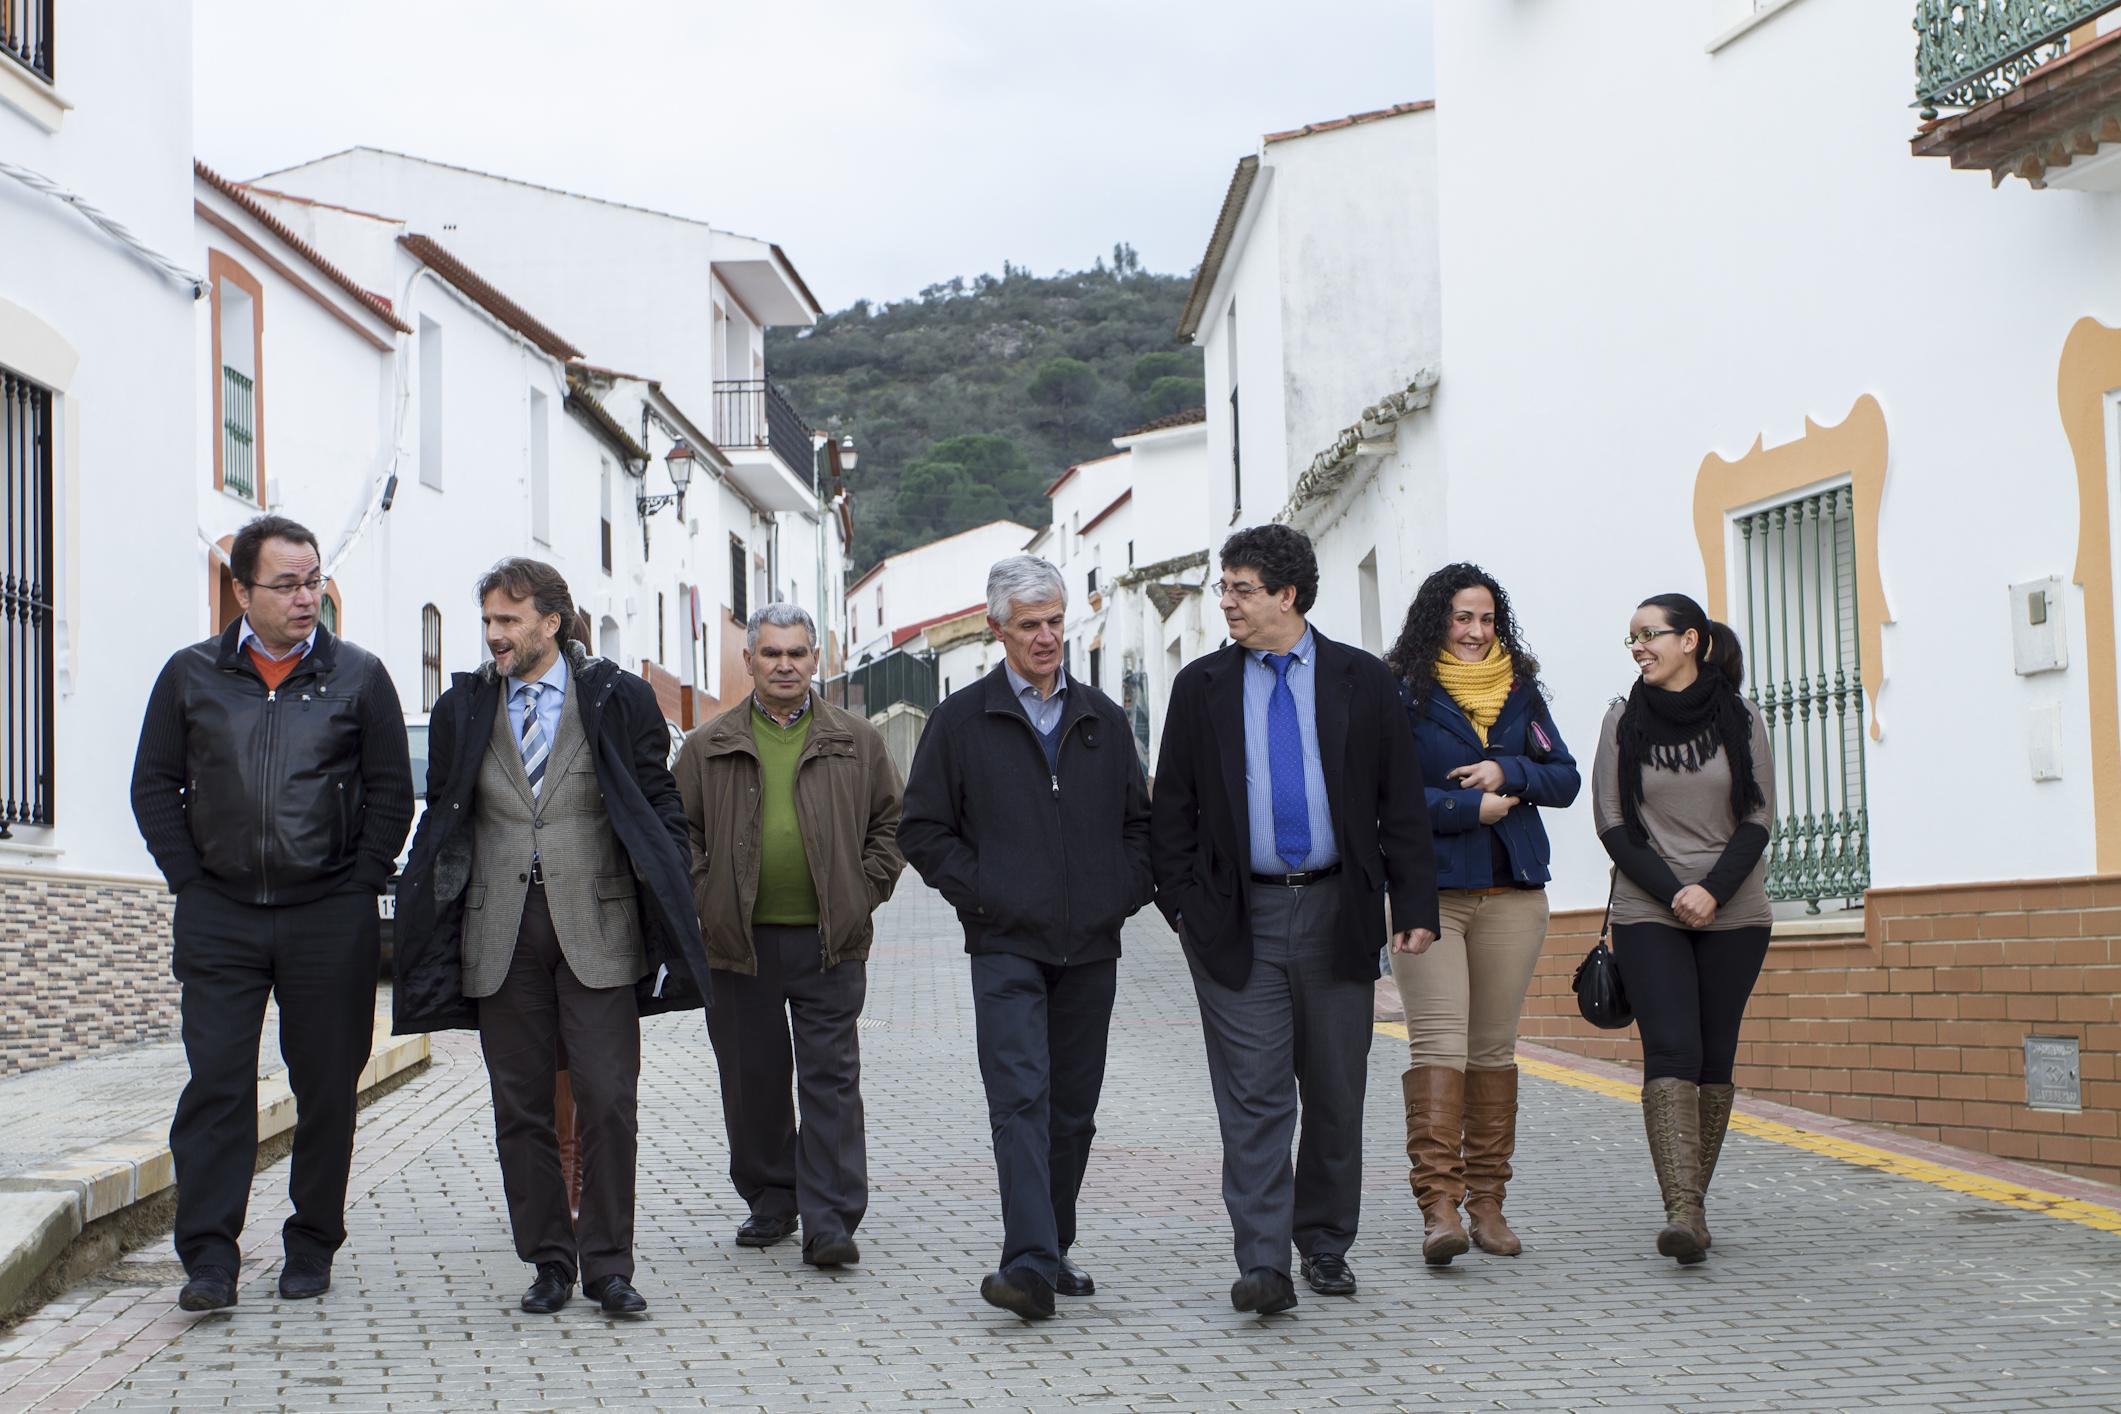 Un momento de la visita de Diego Valderas a Cabezas Rubias